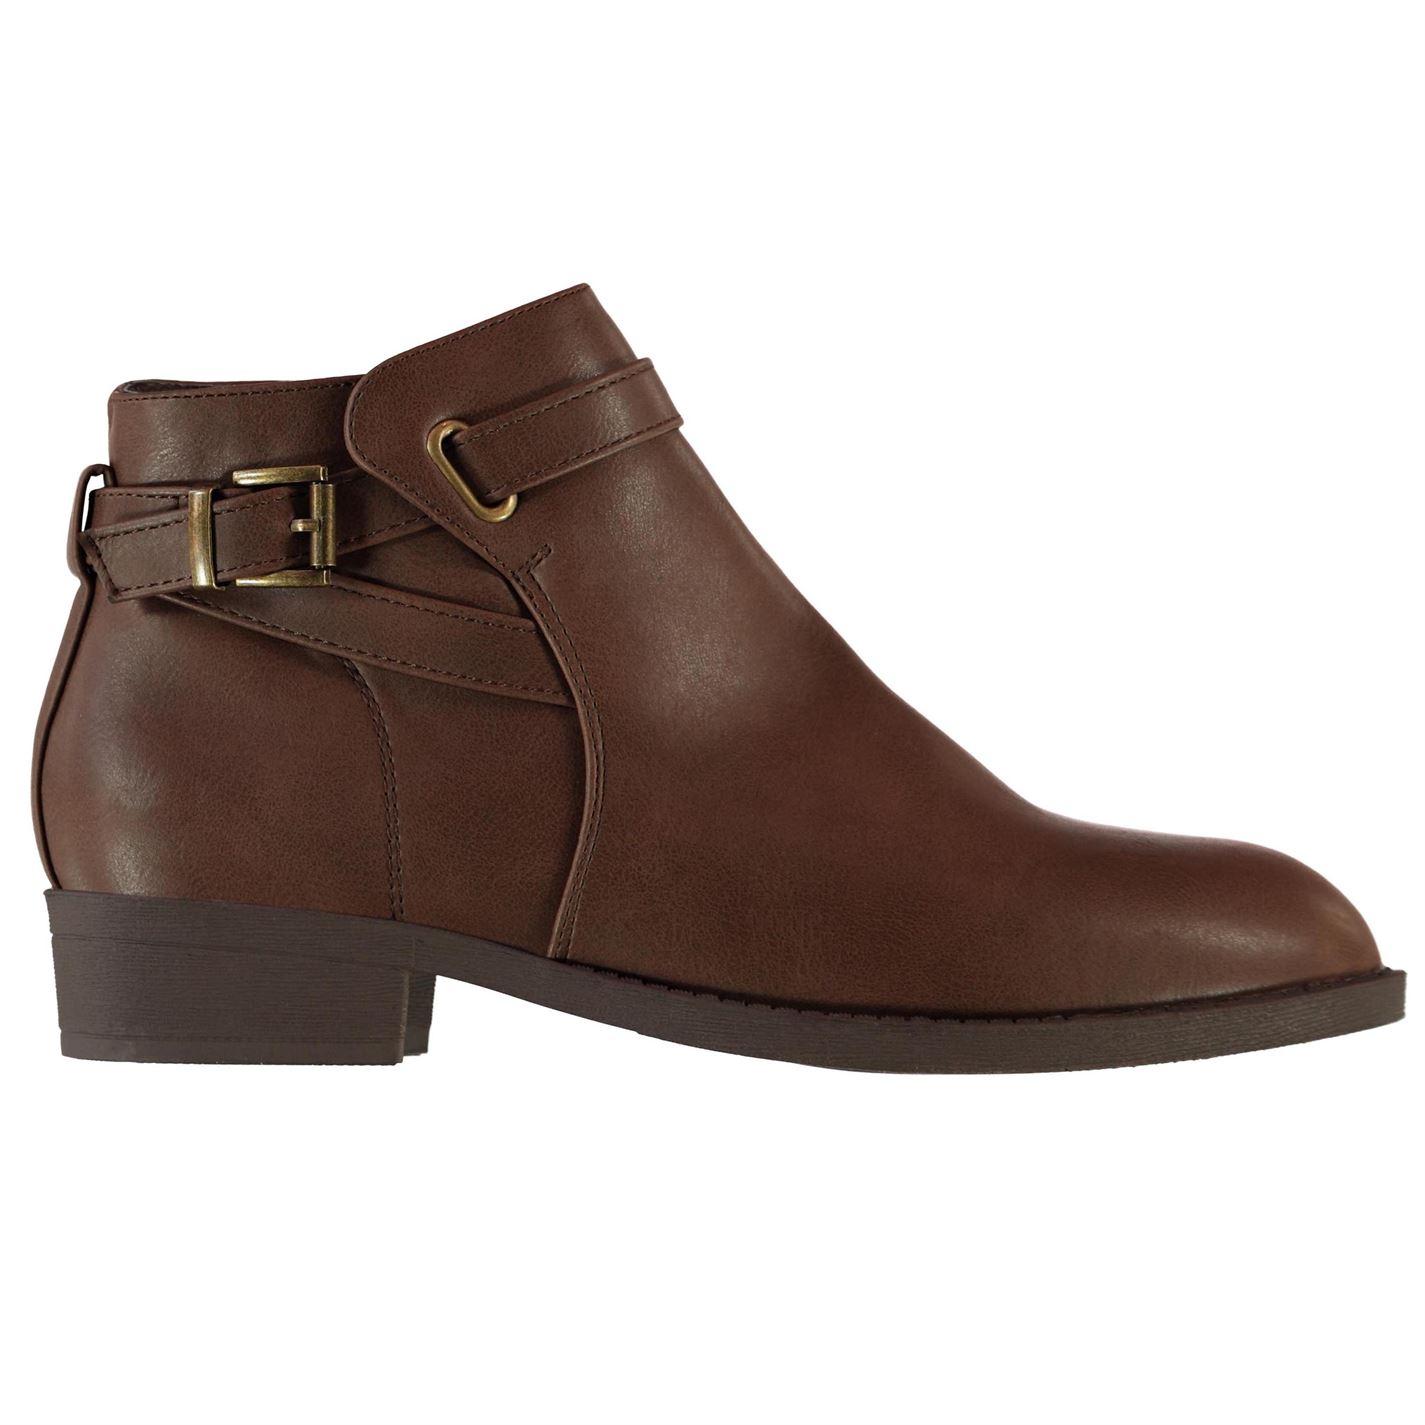 Miso Buckle dámské topánky